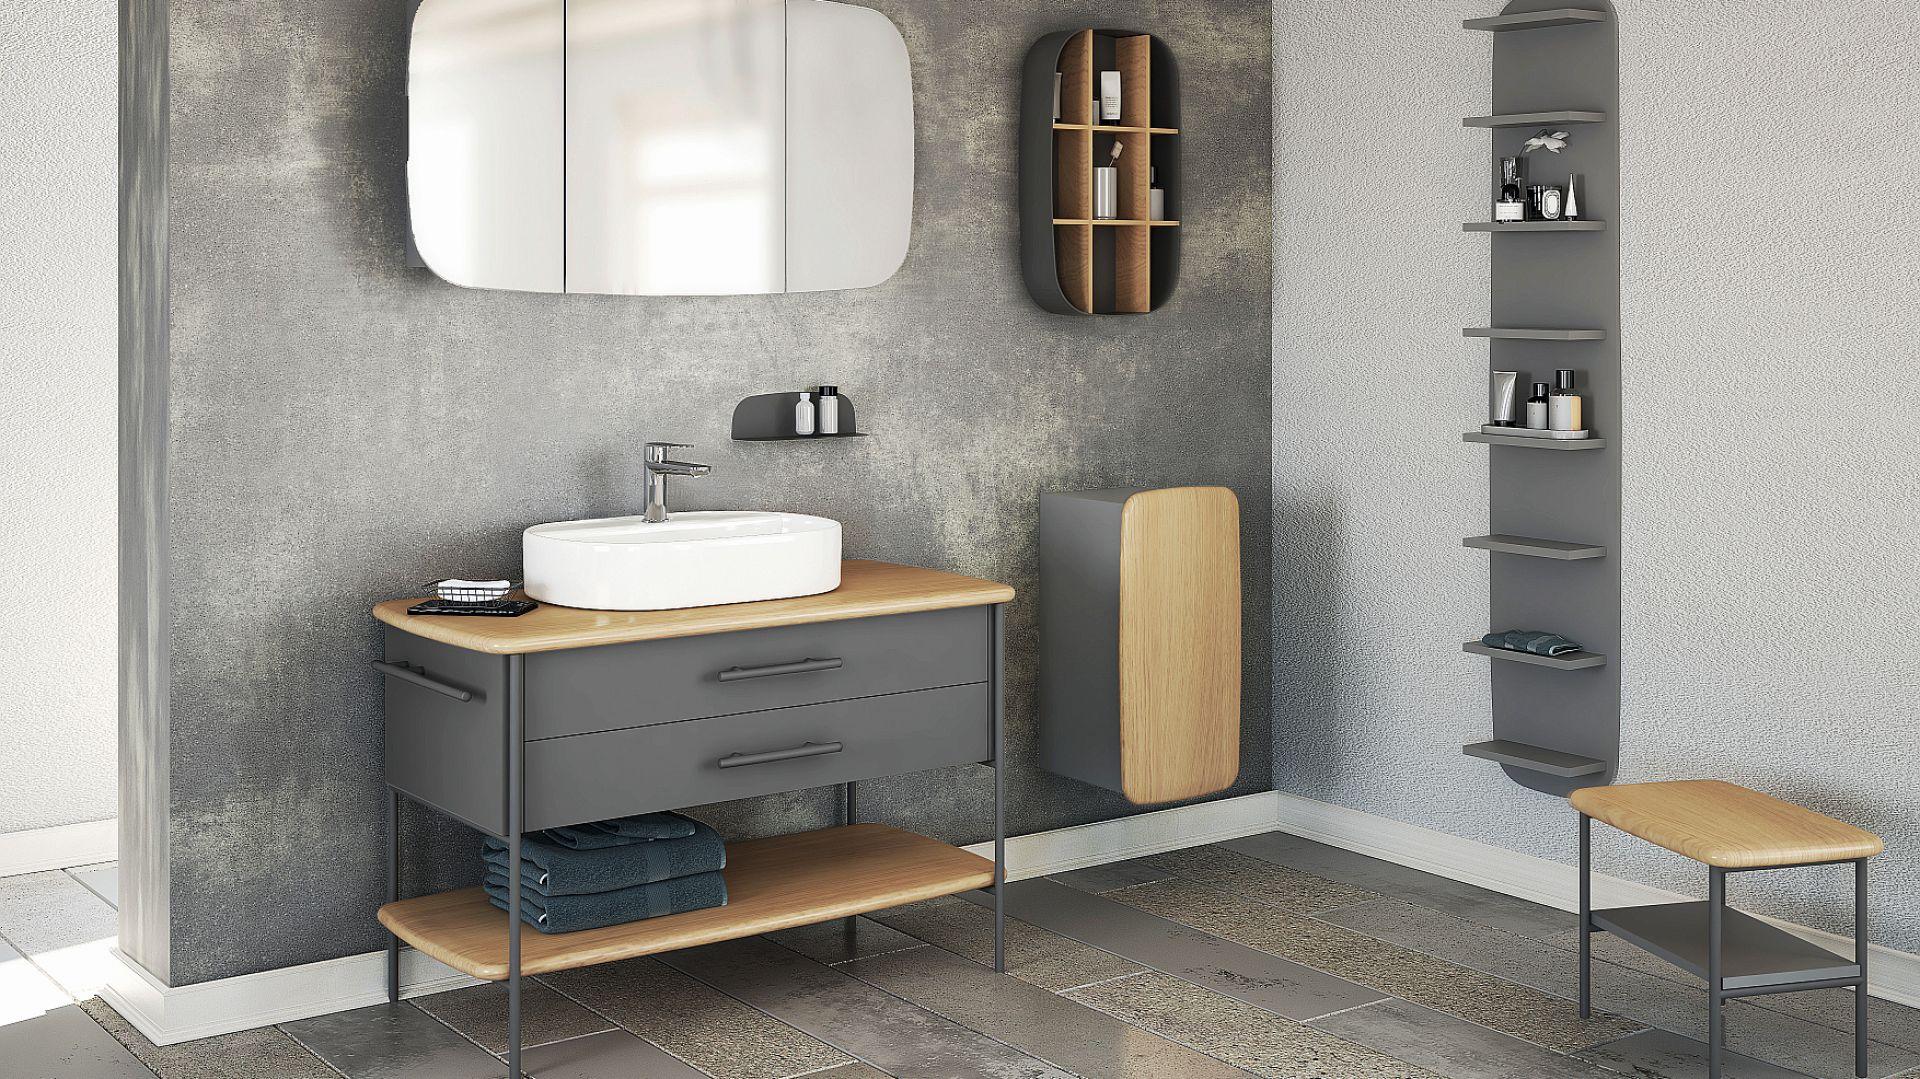 OVAL - serię wyróżnia charakterystyczny motyw przewodni formy z zastosowaniem różnych materiałów w połączeniu naturalnego drewna dębowego z metalowymi elementami malowanymi proszkowo. Fot. Devo